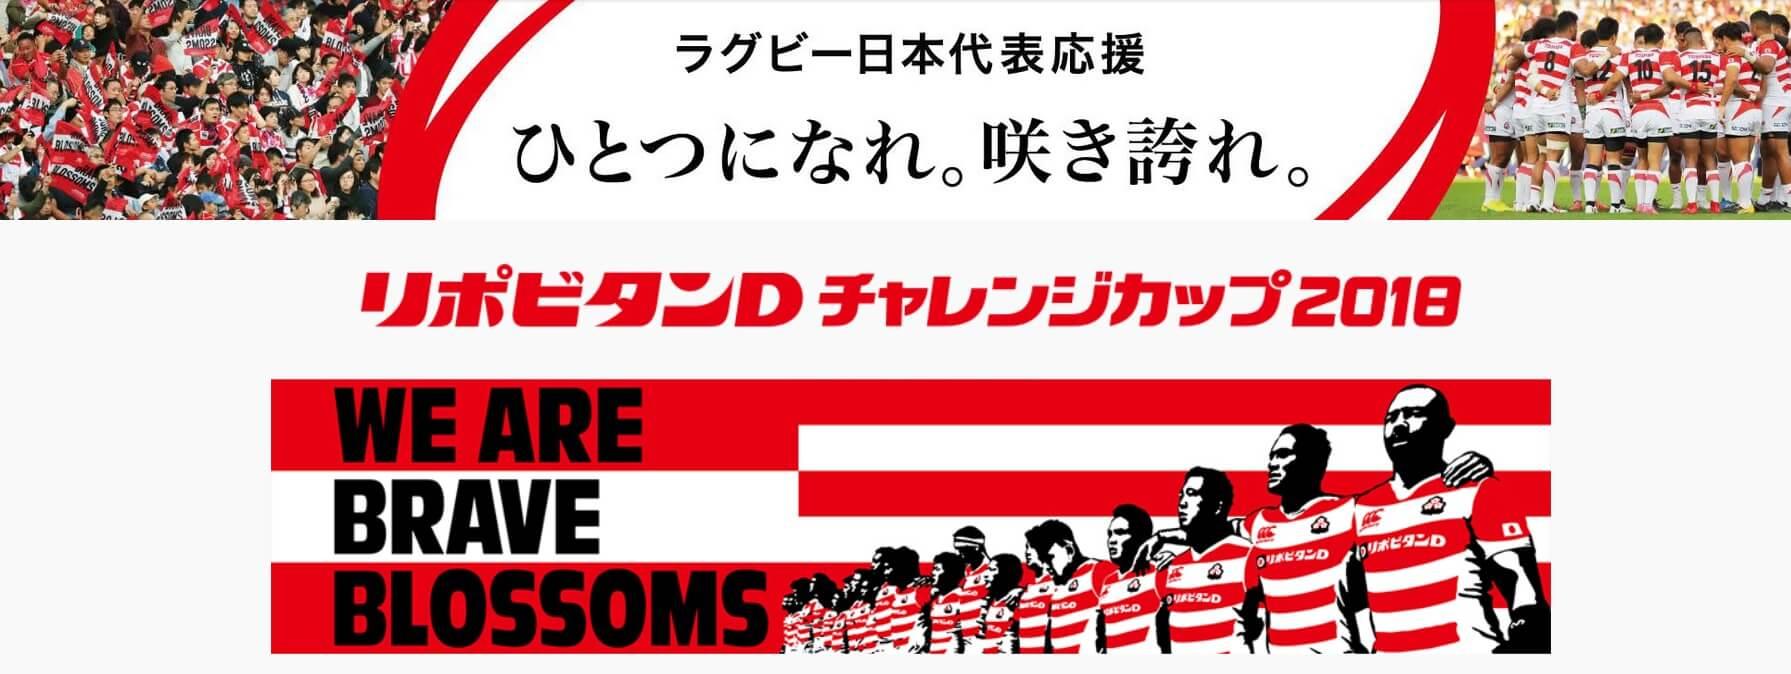 【2018年版】ラグビー日本代表のテストマッチ・試合日程とテレビ放送予定・中継を見る方法まとめ!